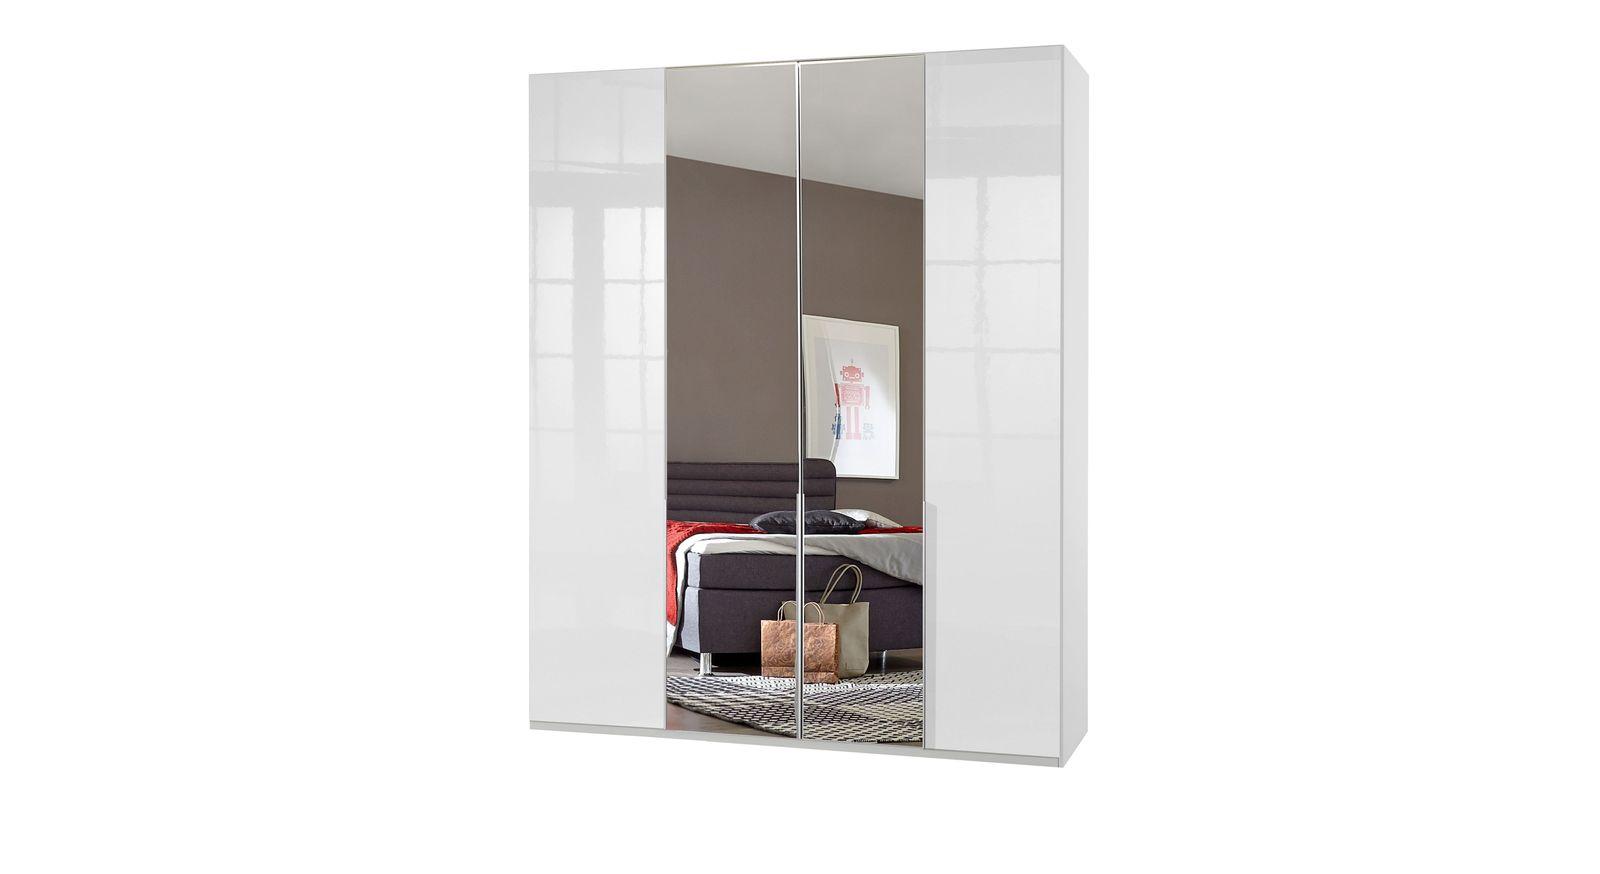 Drehtüren-Kleiderschrank Esperia mit optionalem Spiegel